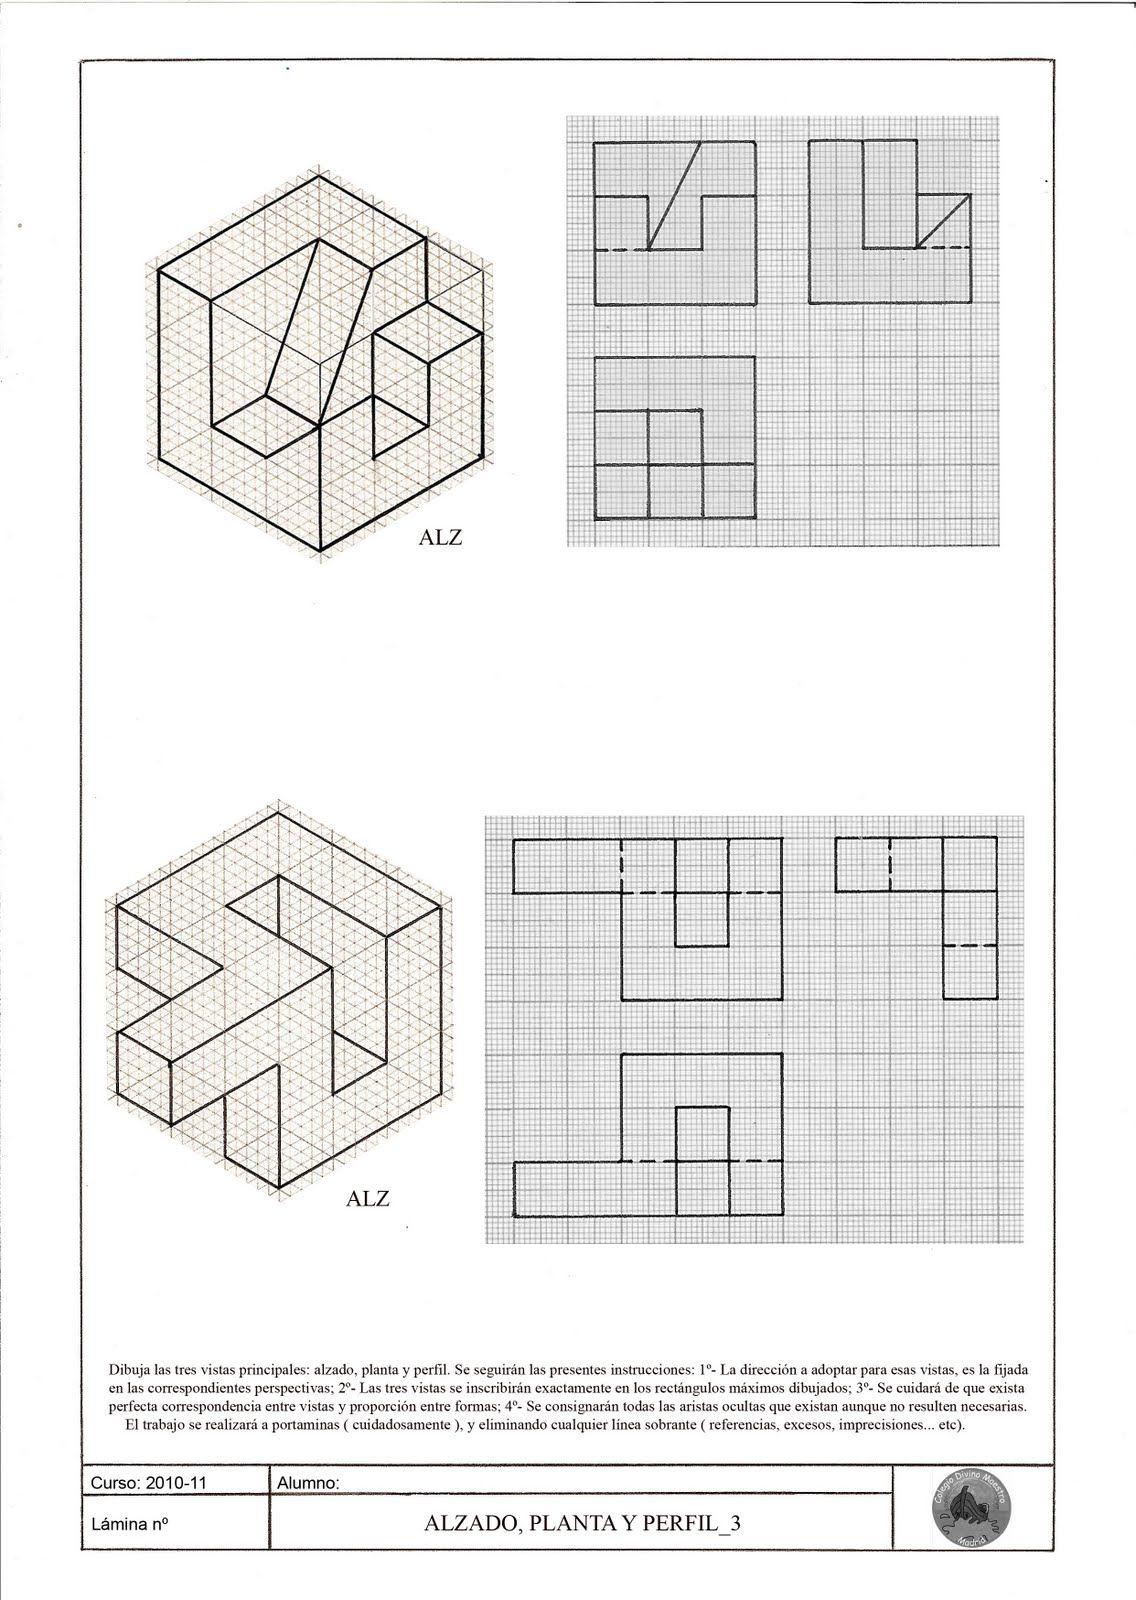 Plantilla Isometrica De Puntos Buscar Con Google Ejercicios De Dibujo Vistas Dibujo Tecnico Papel Isometrico